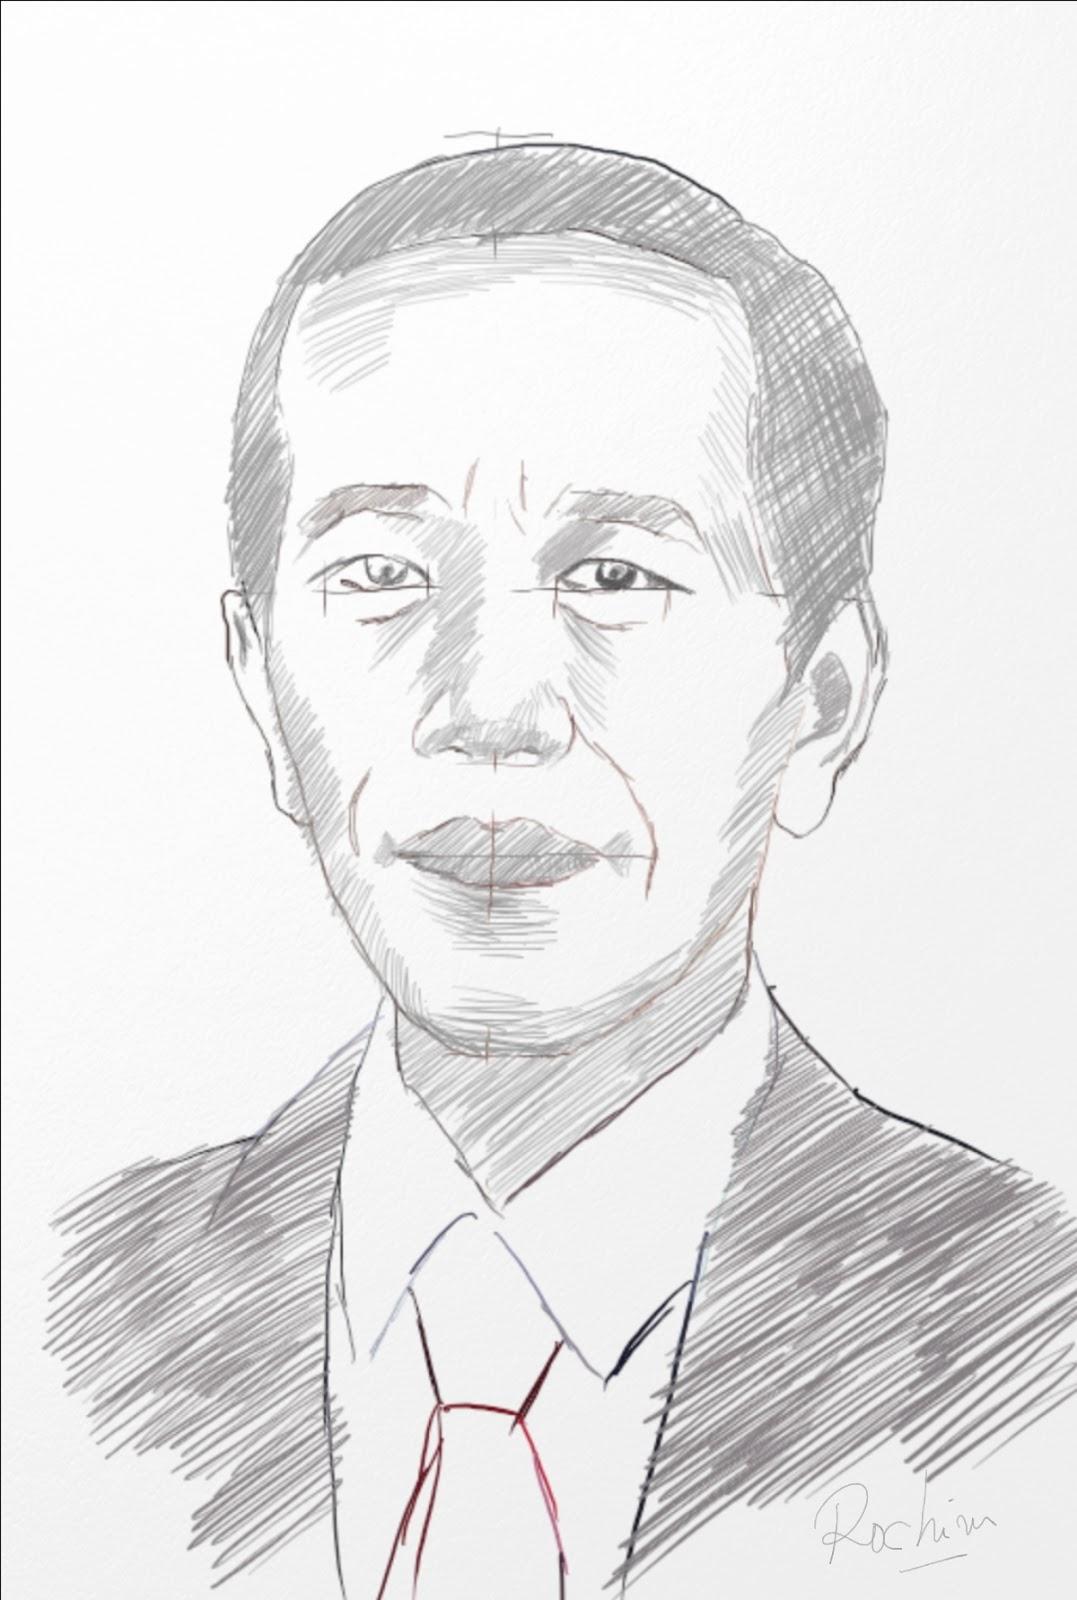 Cara Menggambar Wajah Manusia Dengan Mudah Dan Cepat Simple Sketch